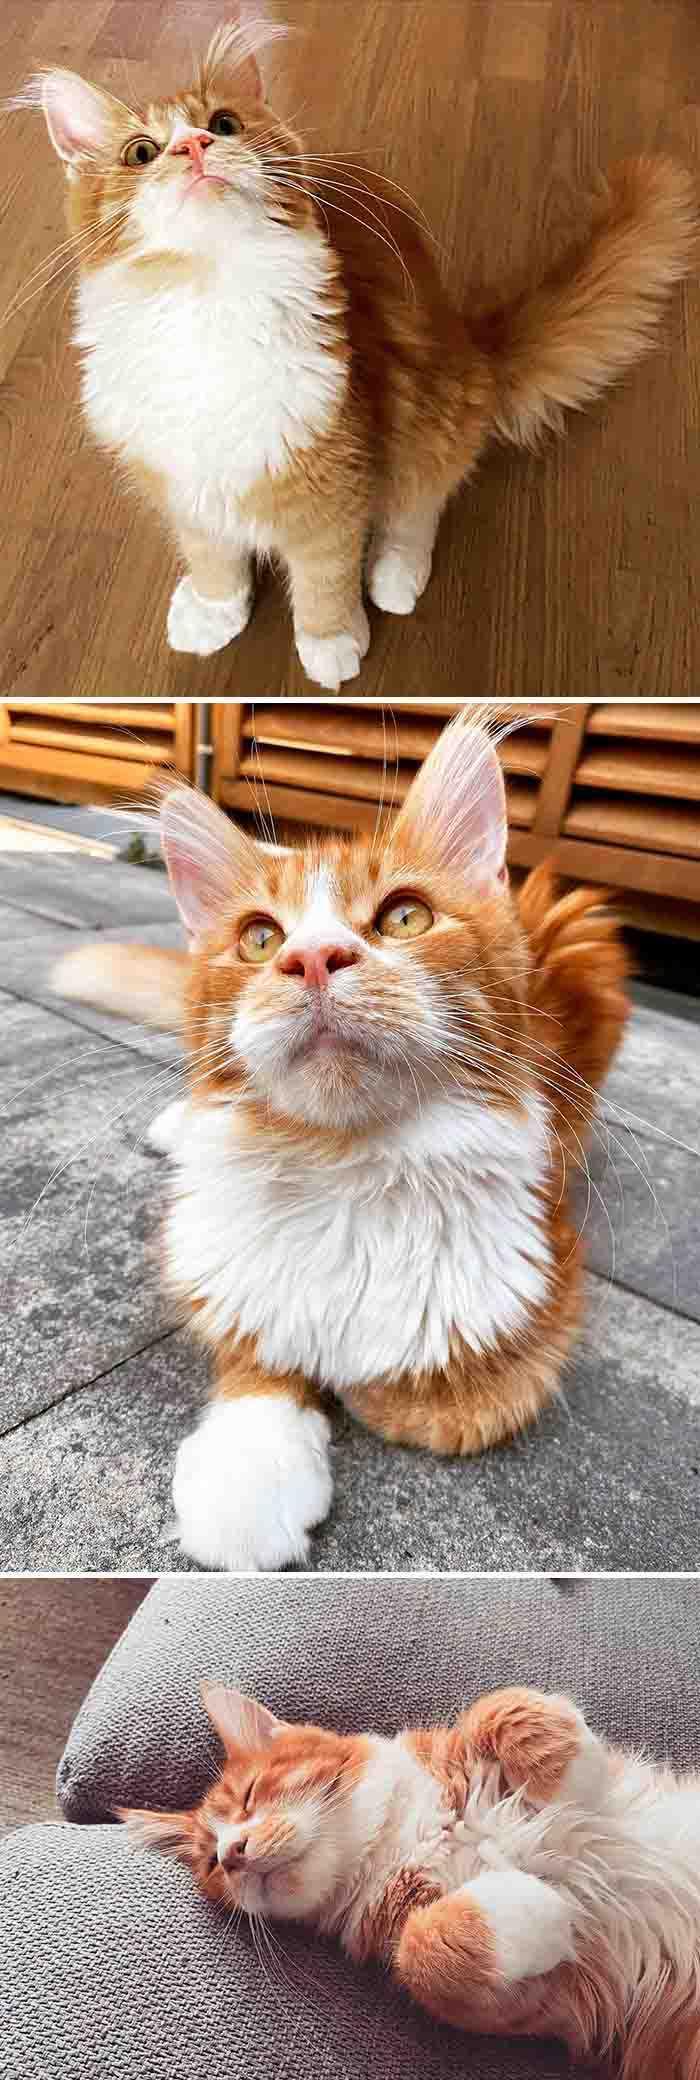 gatos mais lindos do mundo